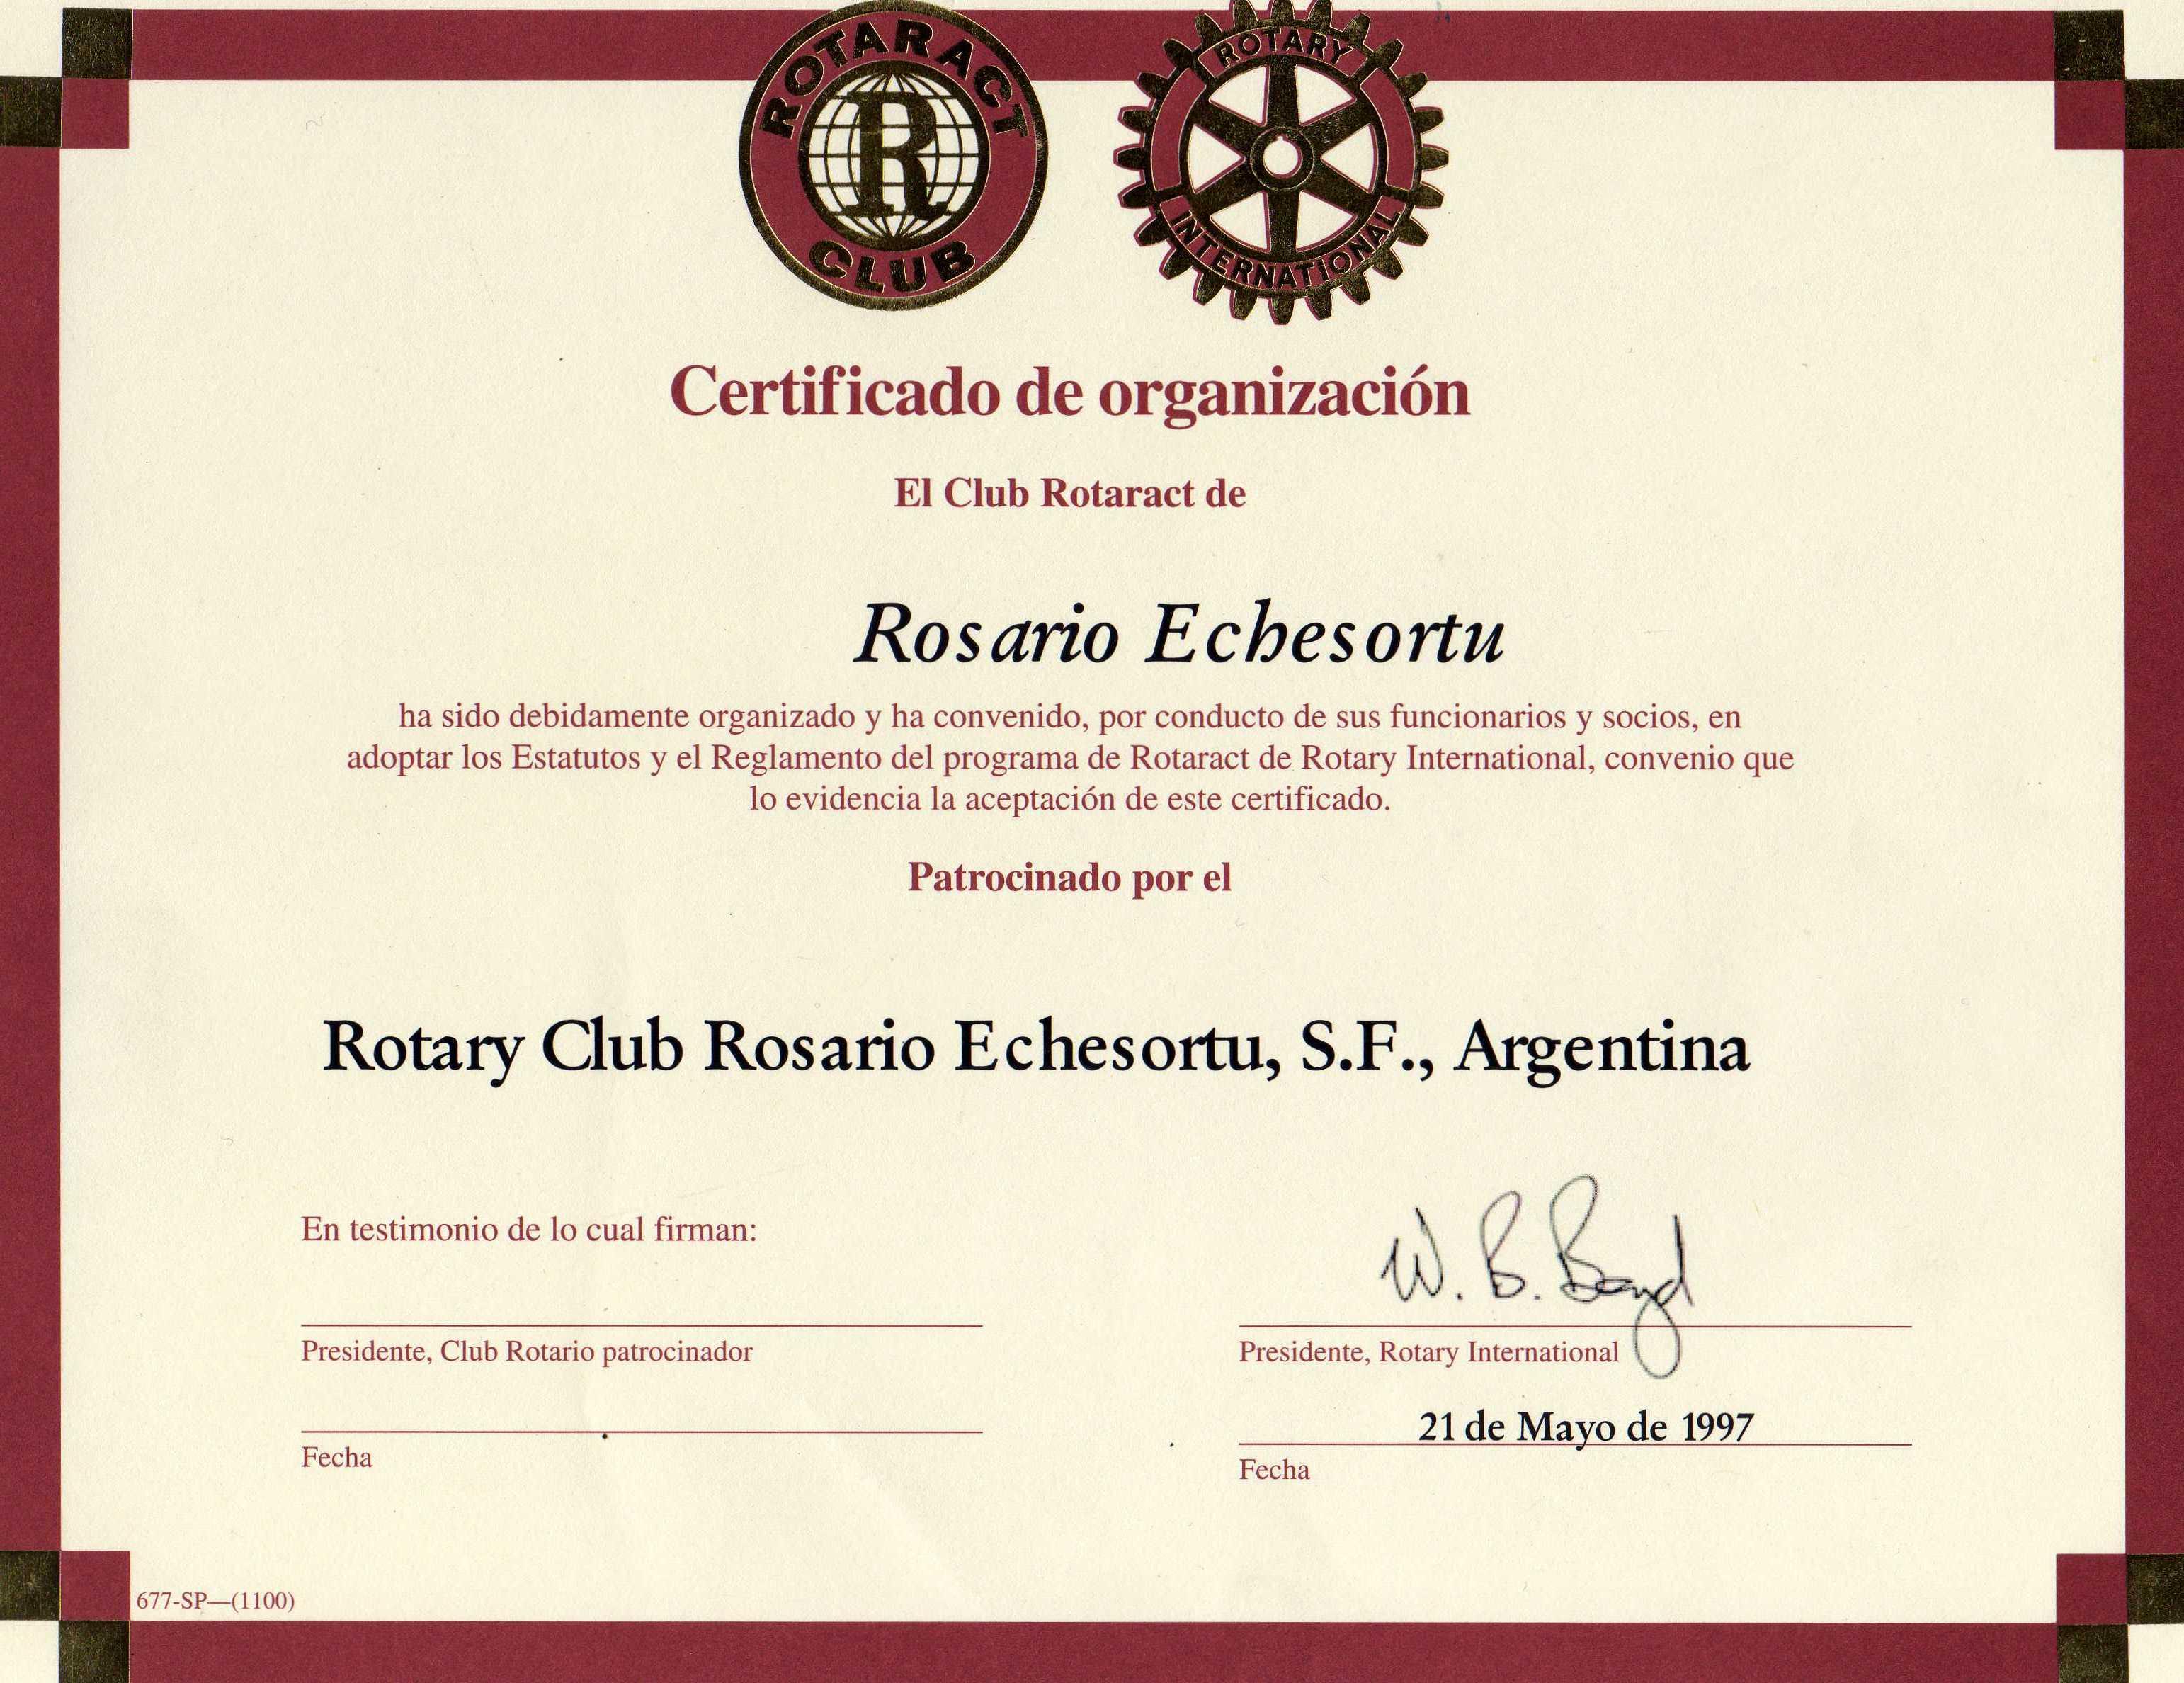 certificado de integración de socios pdf